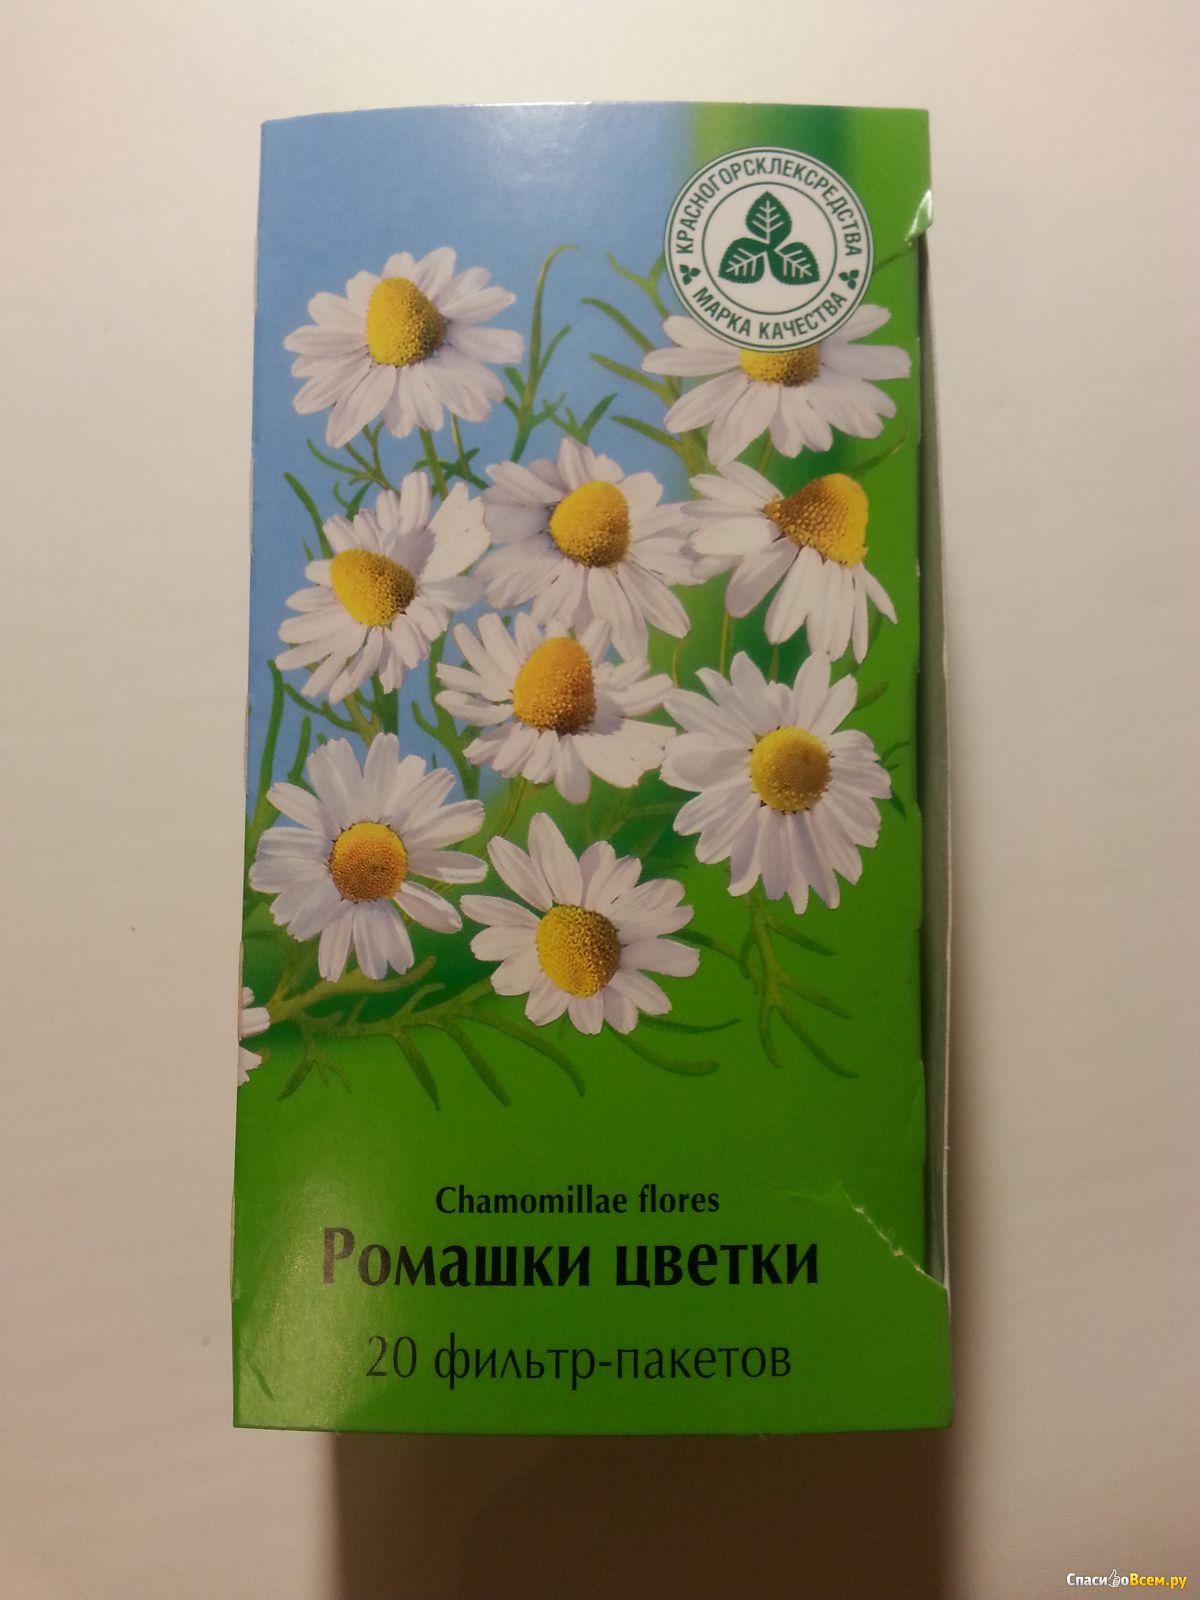 Цветы ромашки описание, состав, применение и полезные